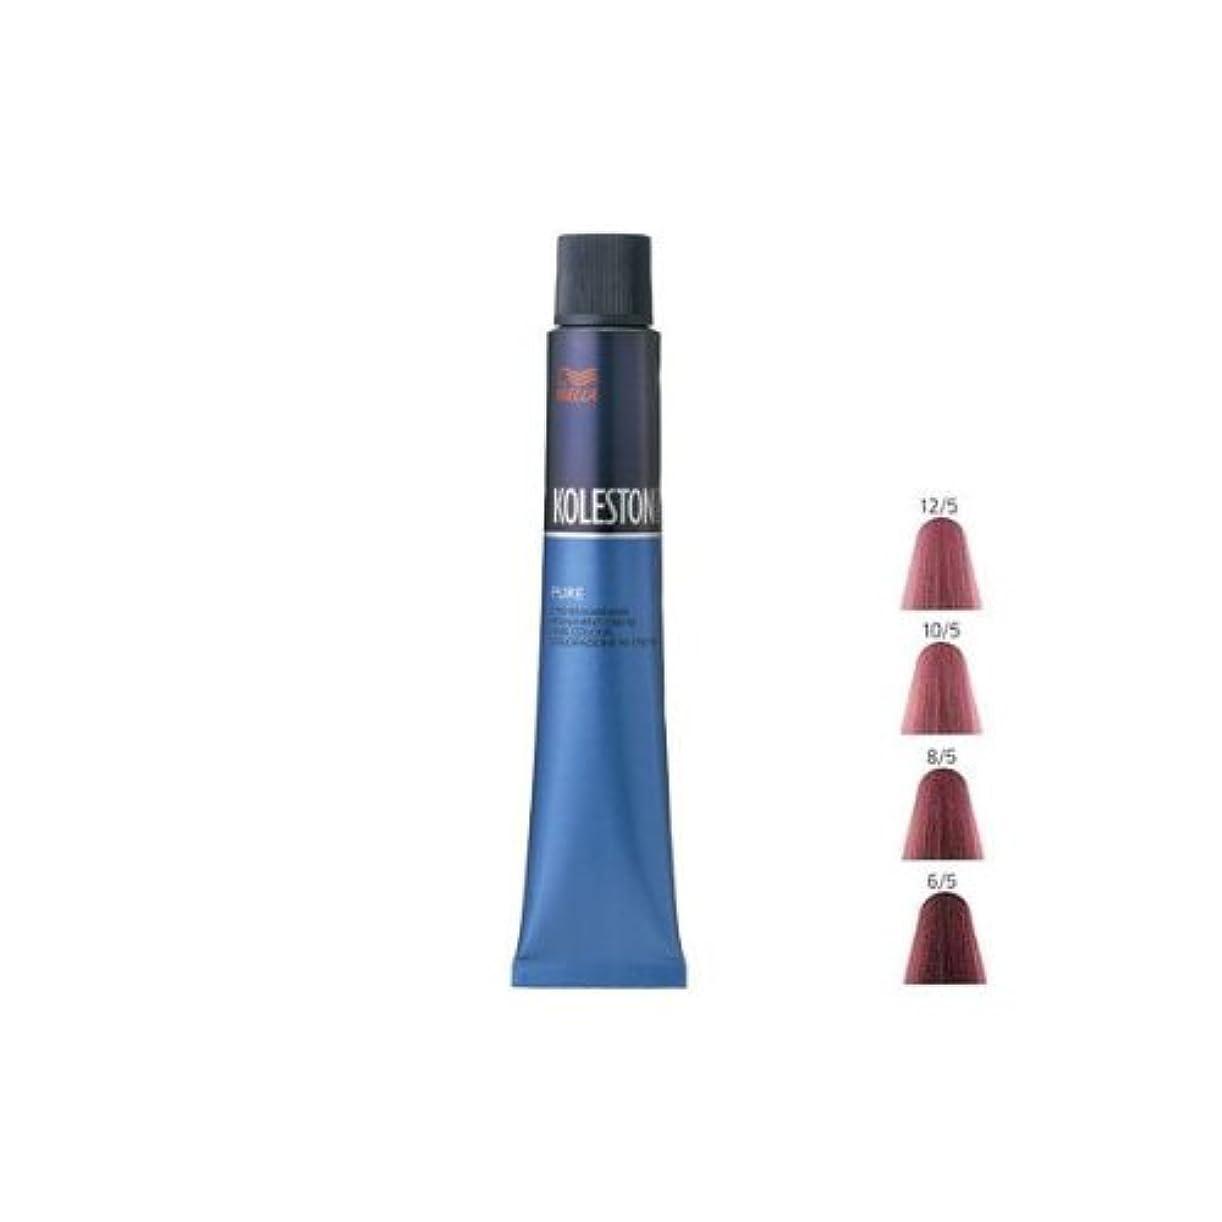 保安ミリメーター肥料ウエラ コレストン パーフェクト Pure[ローズ 5](1剤) 80g【WELLA】 (6/5)